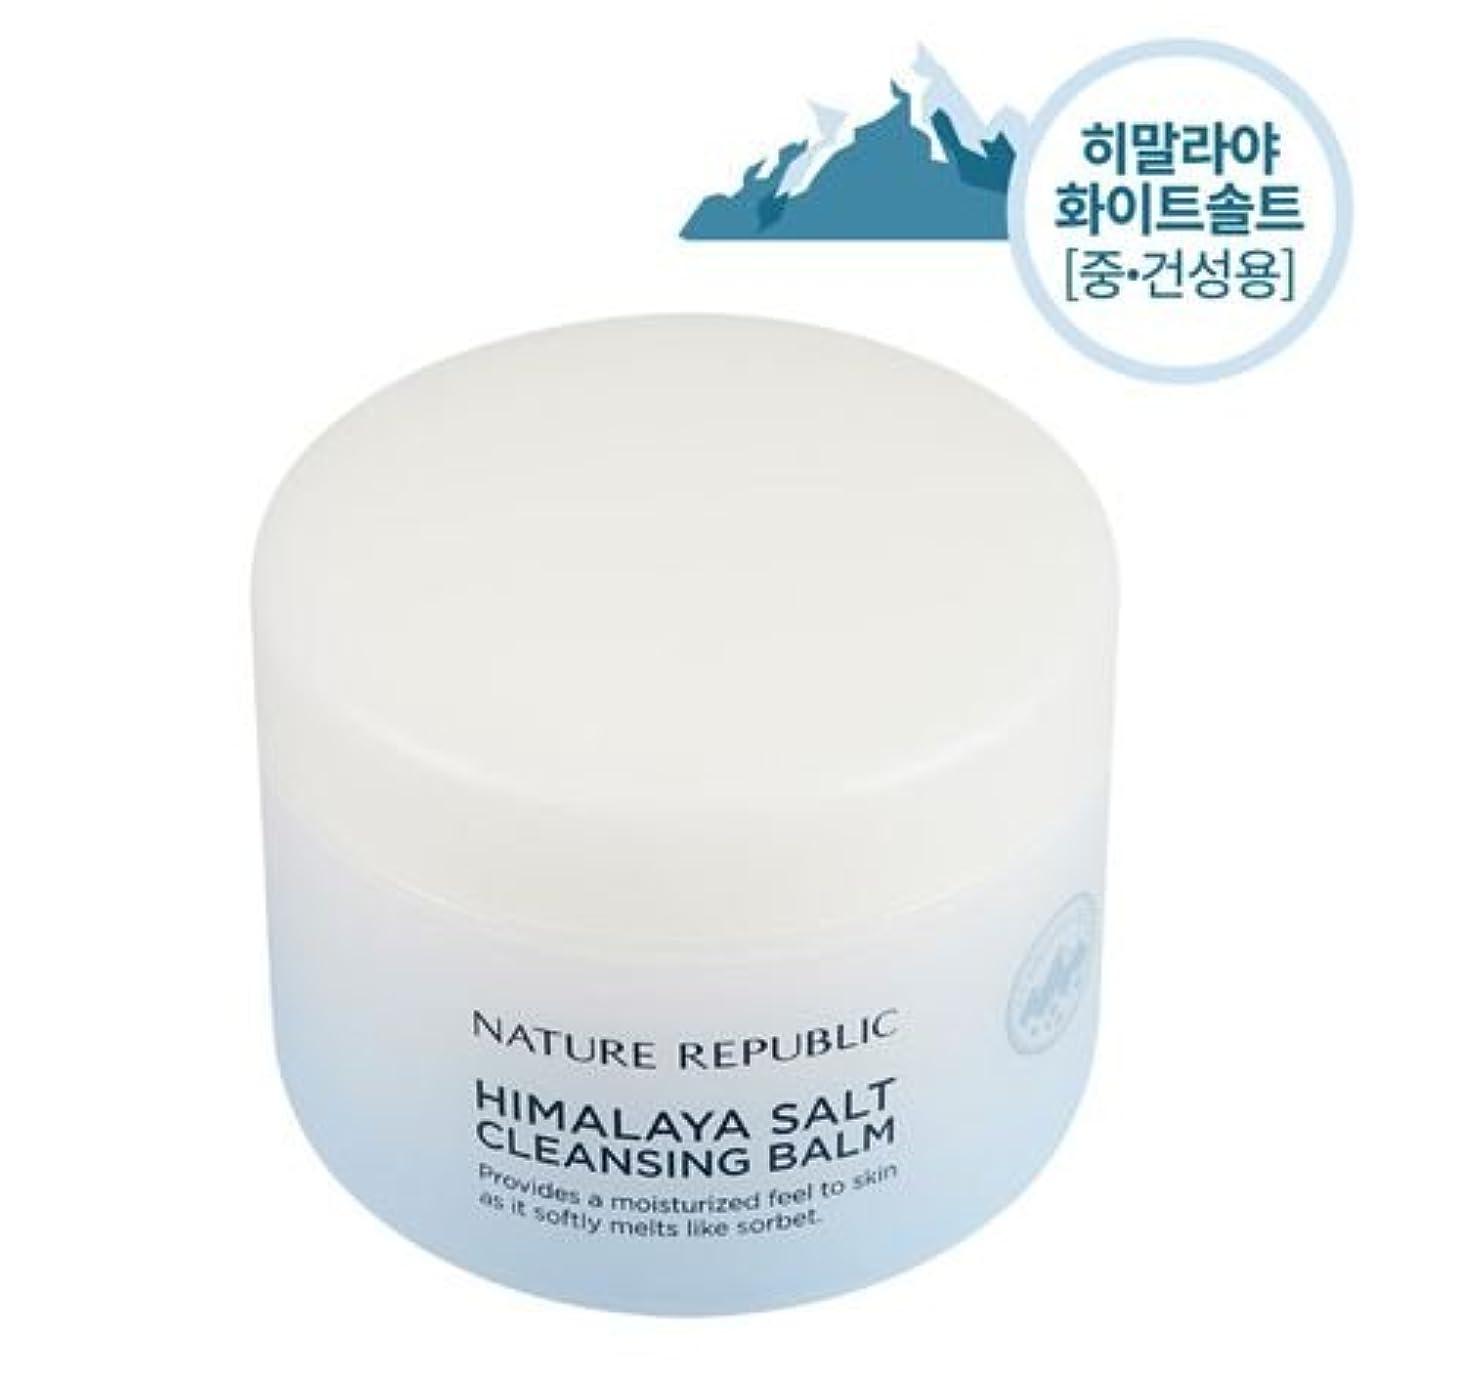 判読できない脆い石膏NATURE REPUBLIC Himalaya salt cleansing balm (white salt)ヒマラヤソルトクレンジングバーム(white salt) [並行輸入品]